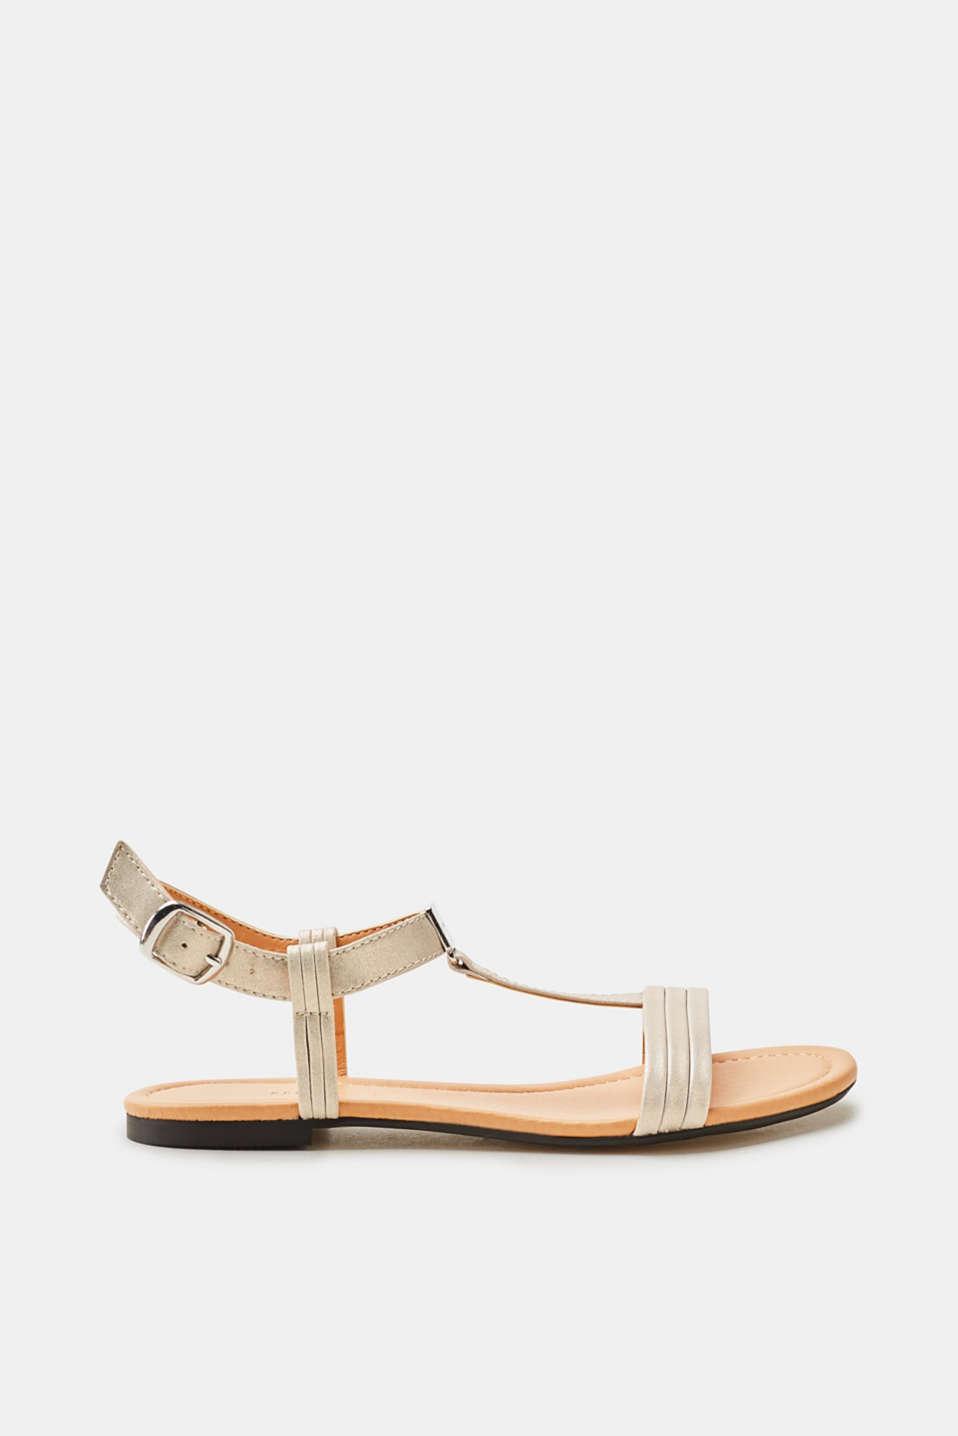 Esprit Flache Riemchen-Sandalette, VEGAN für Damen, Größe 36, White